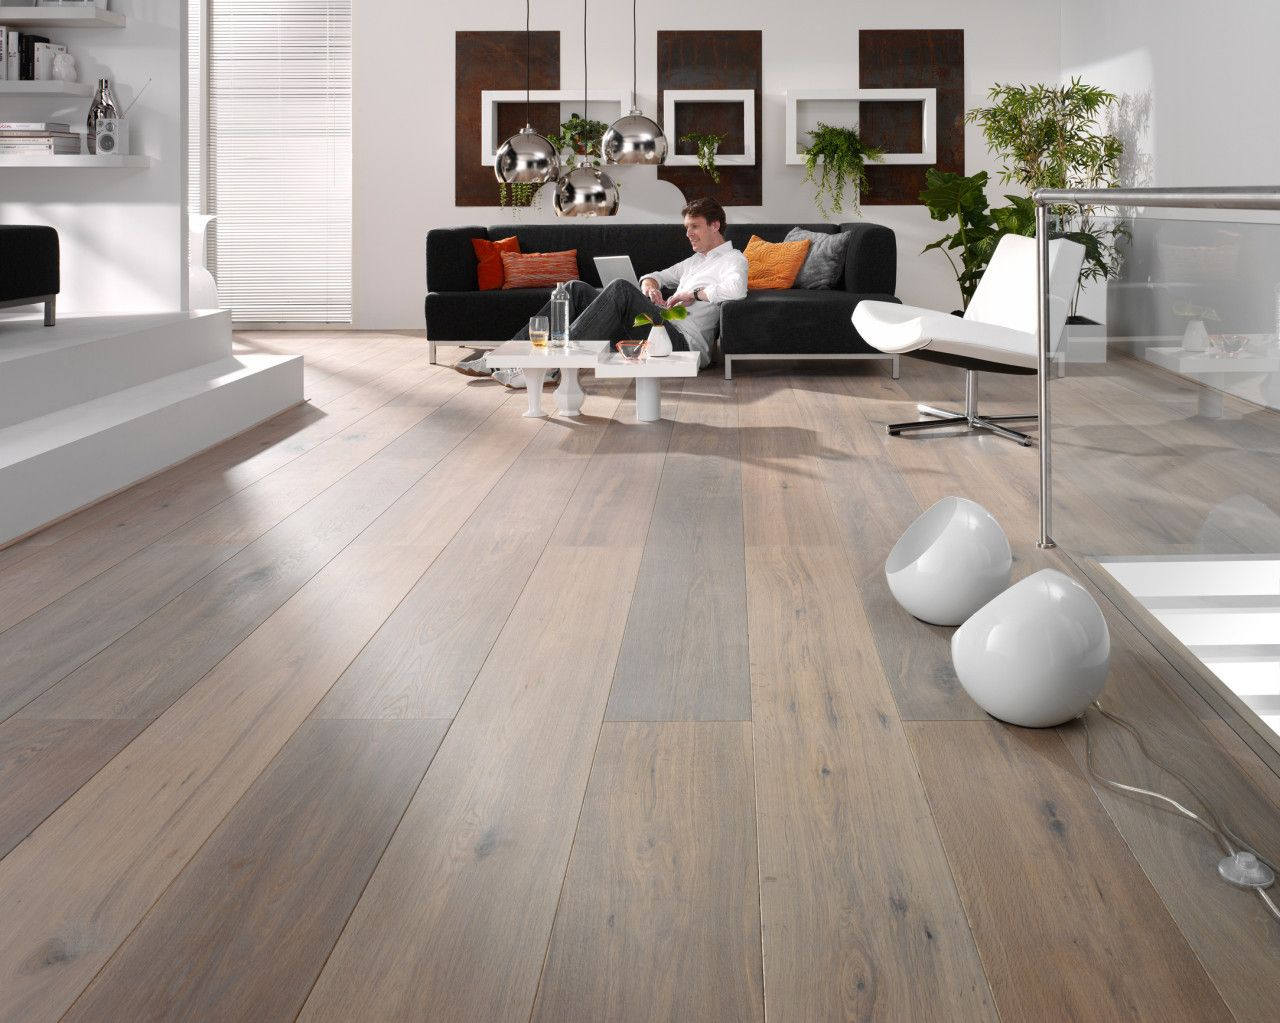 NL Label Laminaat   bruin, naturel   Idee u00ebn voor in ons huis   Pinterest   Room decor, Living